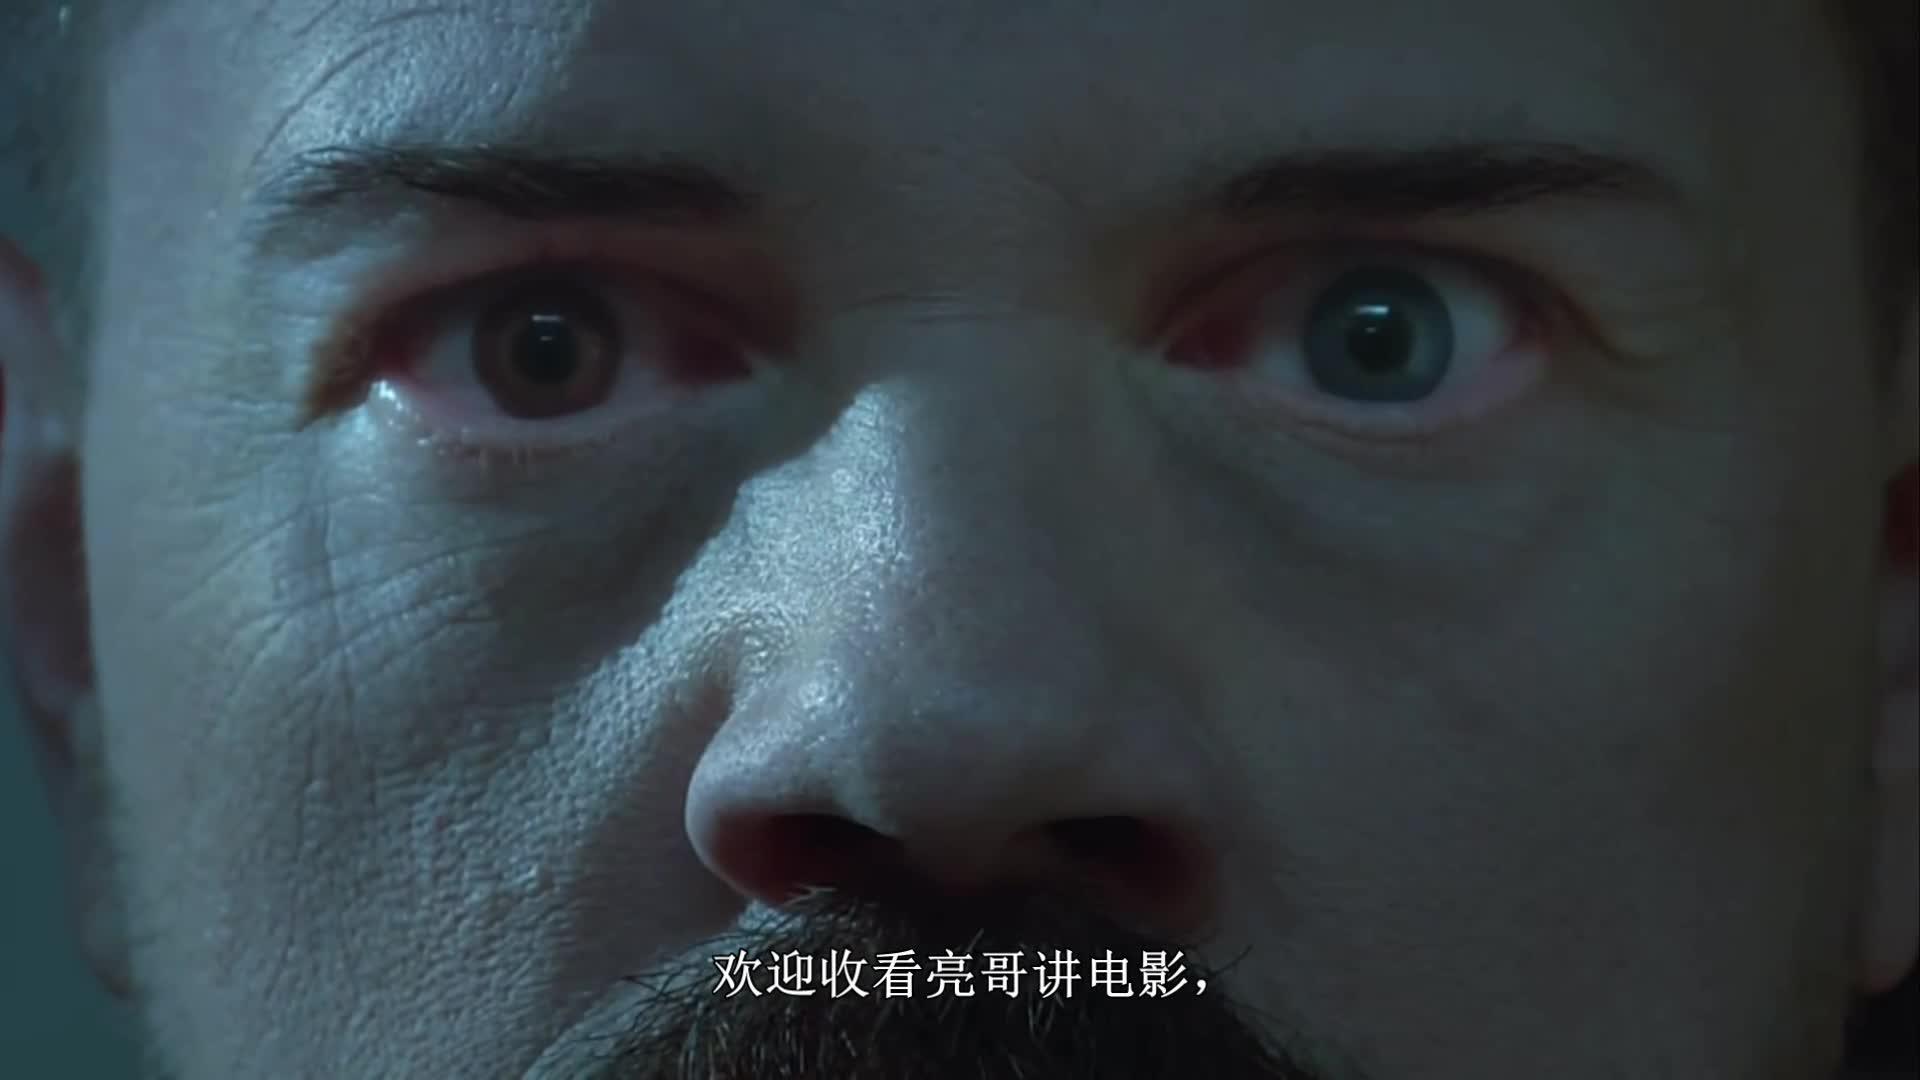 #惊悚看电影#惊悚电影:盲人移植了死刑犯的一对眼球,却被眼睛控制变成杀人狂